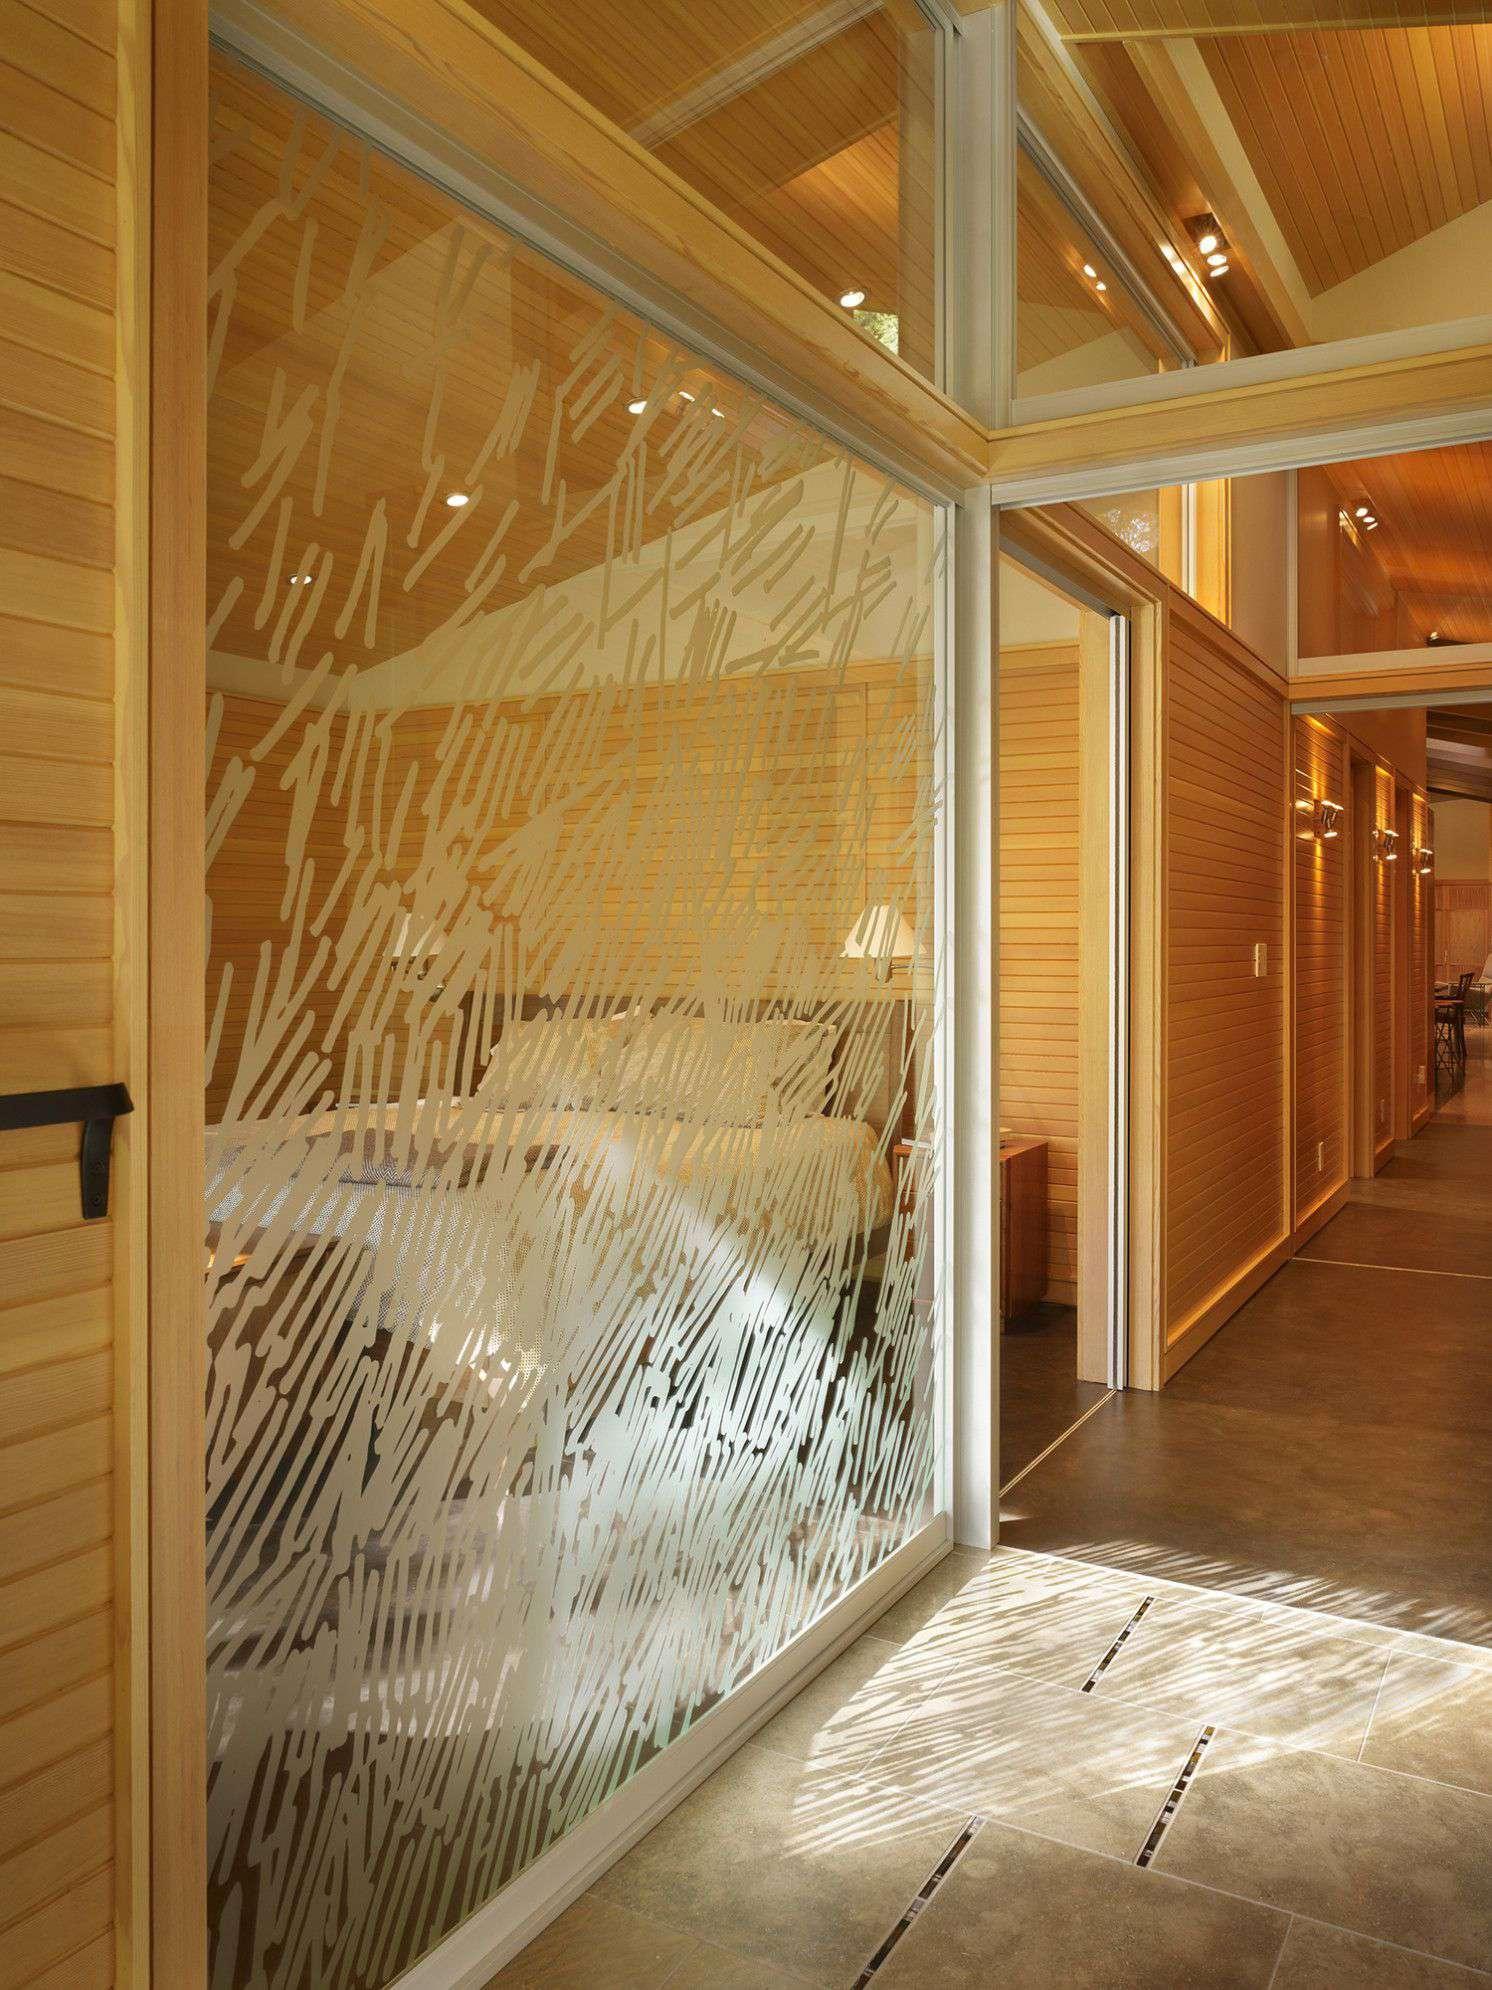 درب های شیشه ای در طراحی دکوراسیون داخلی آپارتمان ها